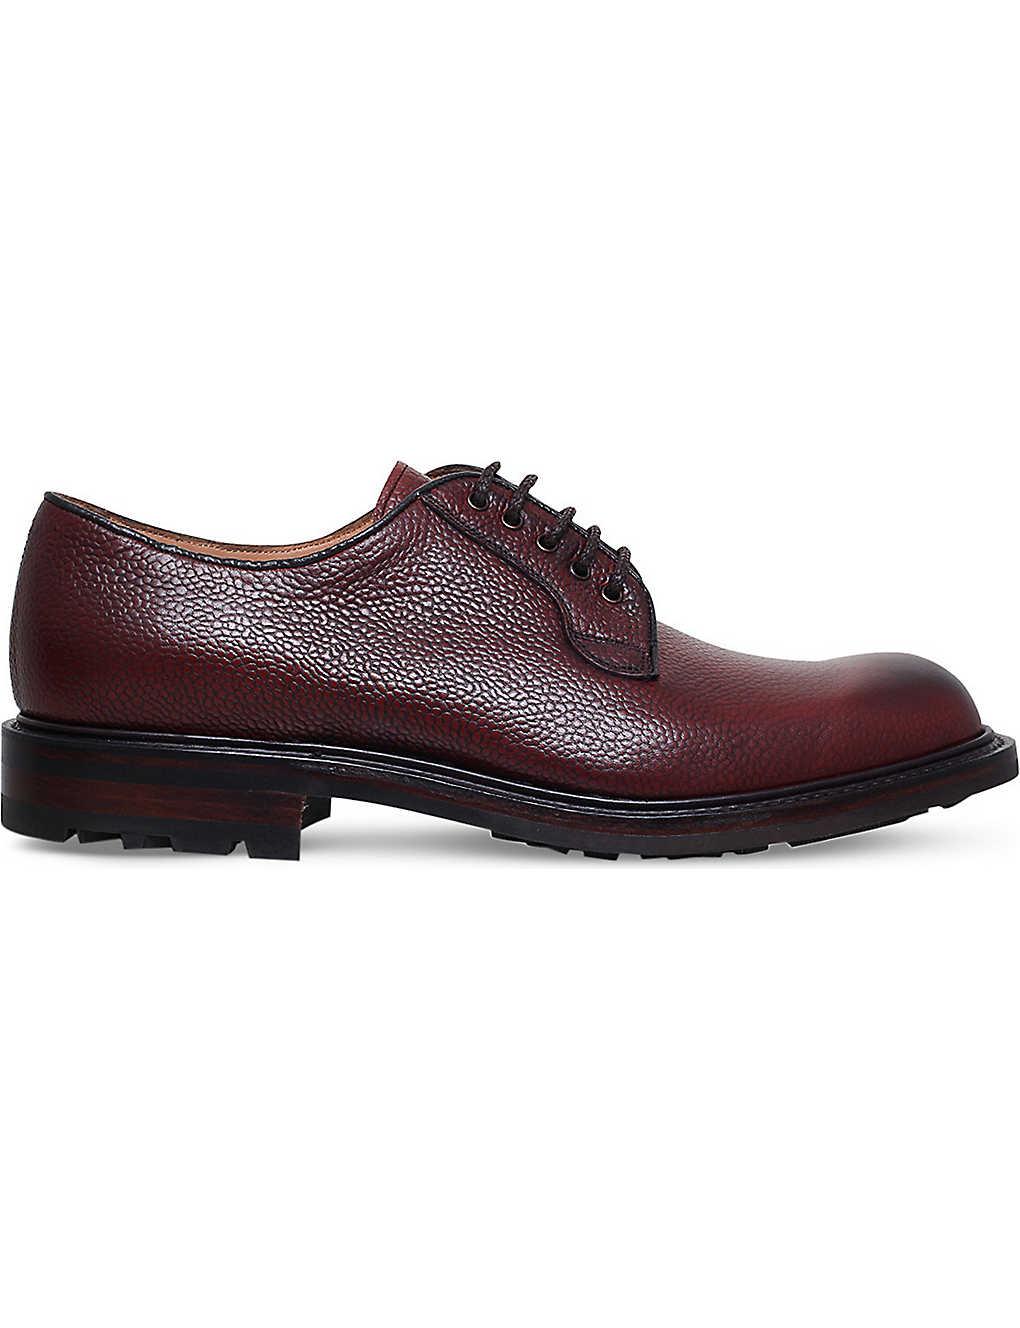 3fa07c70d88d8 JOSEPH CHEANEY - Teign grained leather Derby shoes   Selfridges.com